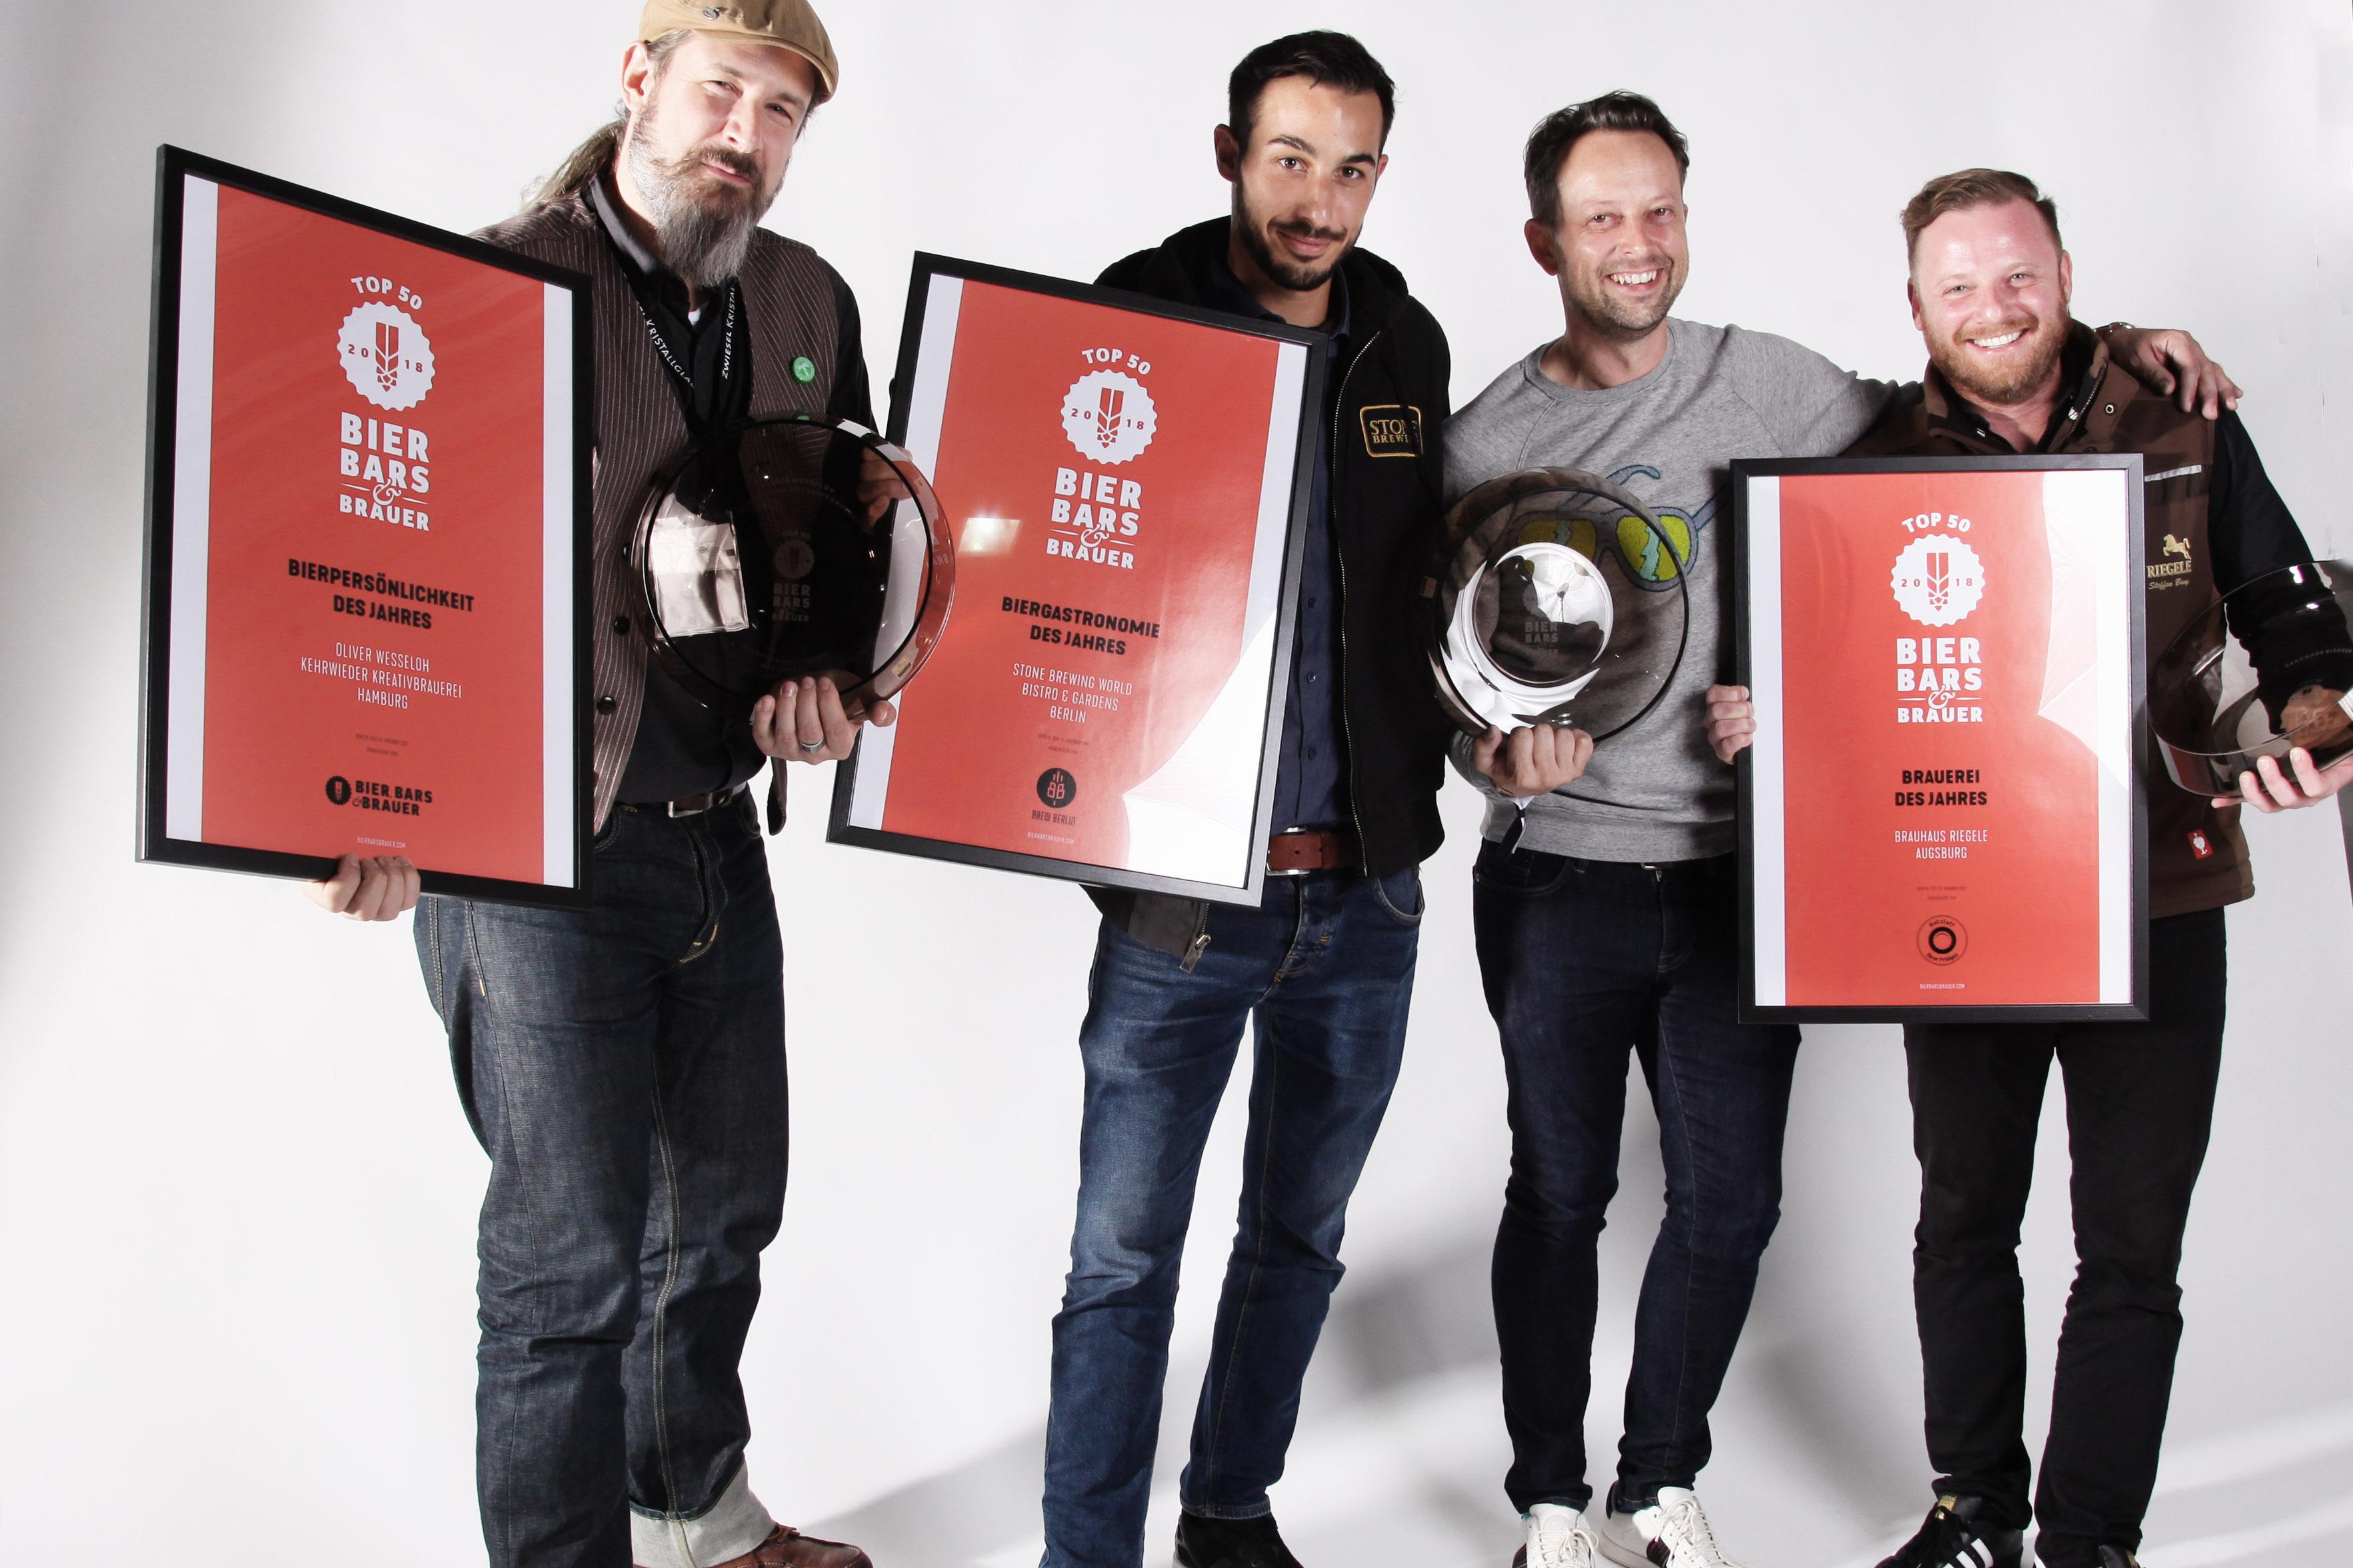 BIER, BARS & BRAUER Top 50 Awards: Brauhaus Riegele zur Brauerei des Jahres 2018 gewählt!